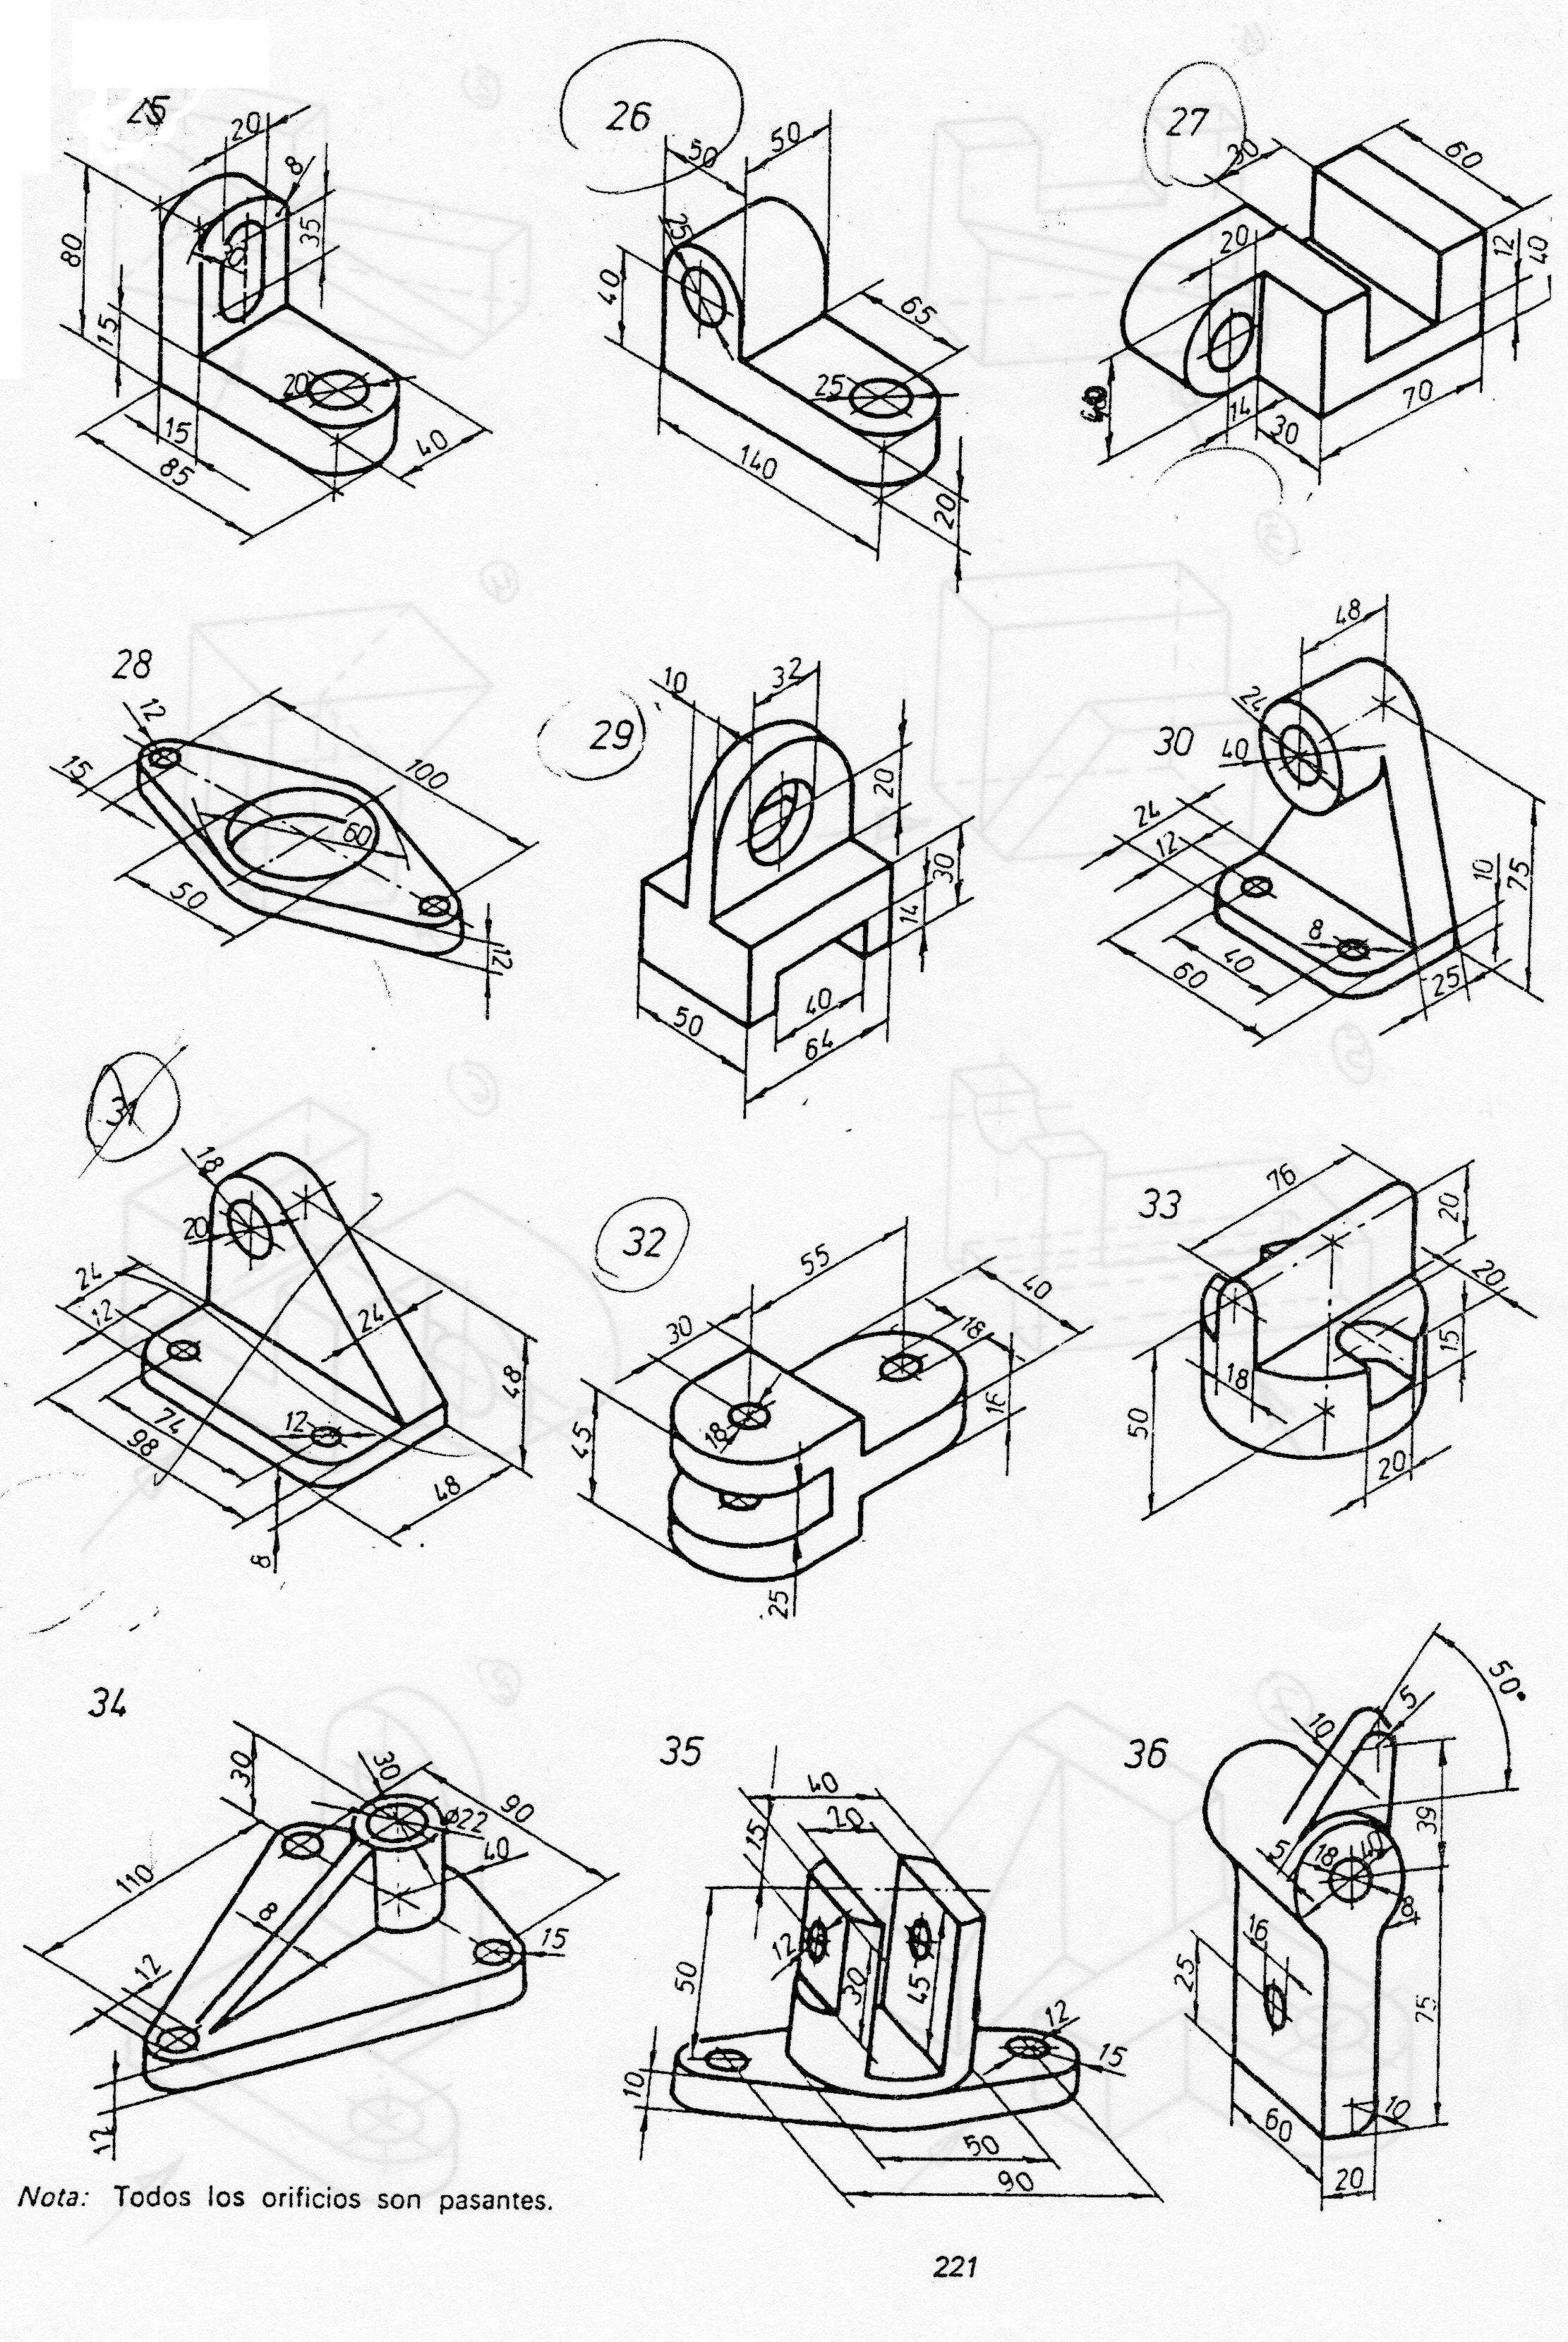 Resultado De Imagen De Dibujo Tecnico Basico Tecnicas De Dibujo Ejercicios De Dibujo Dibujo Tecnico Ejercicios